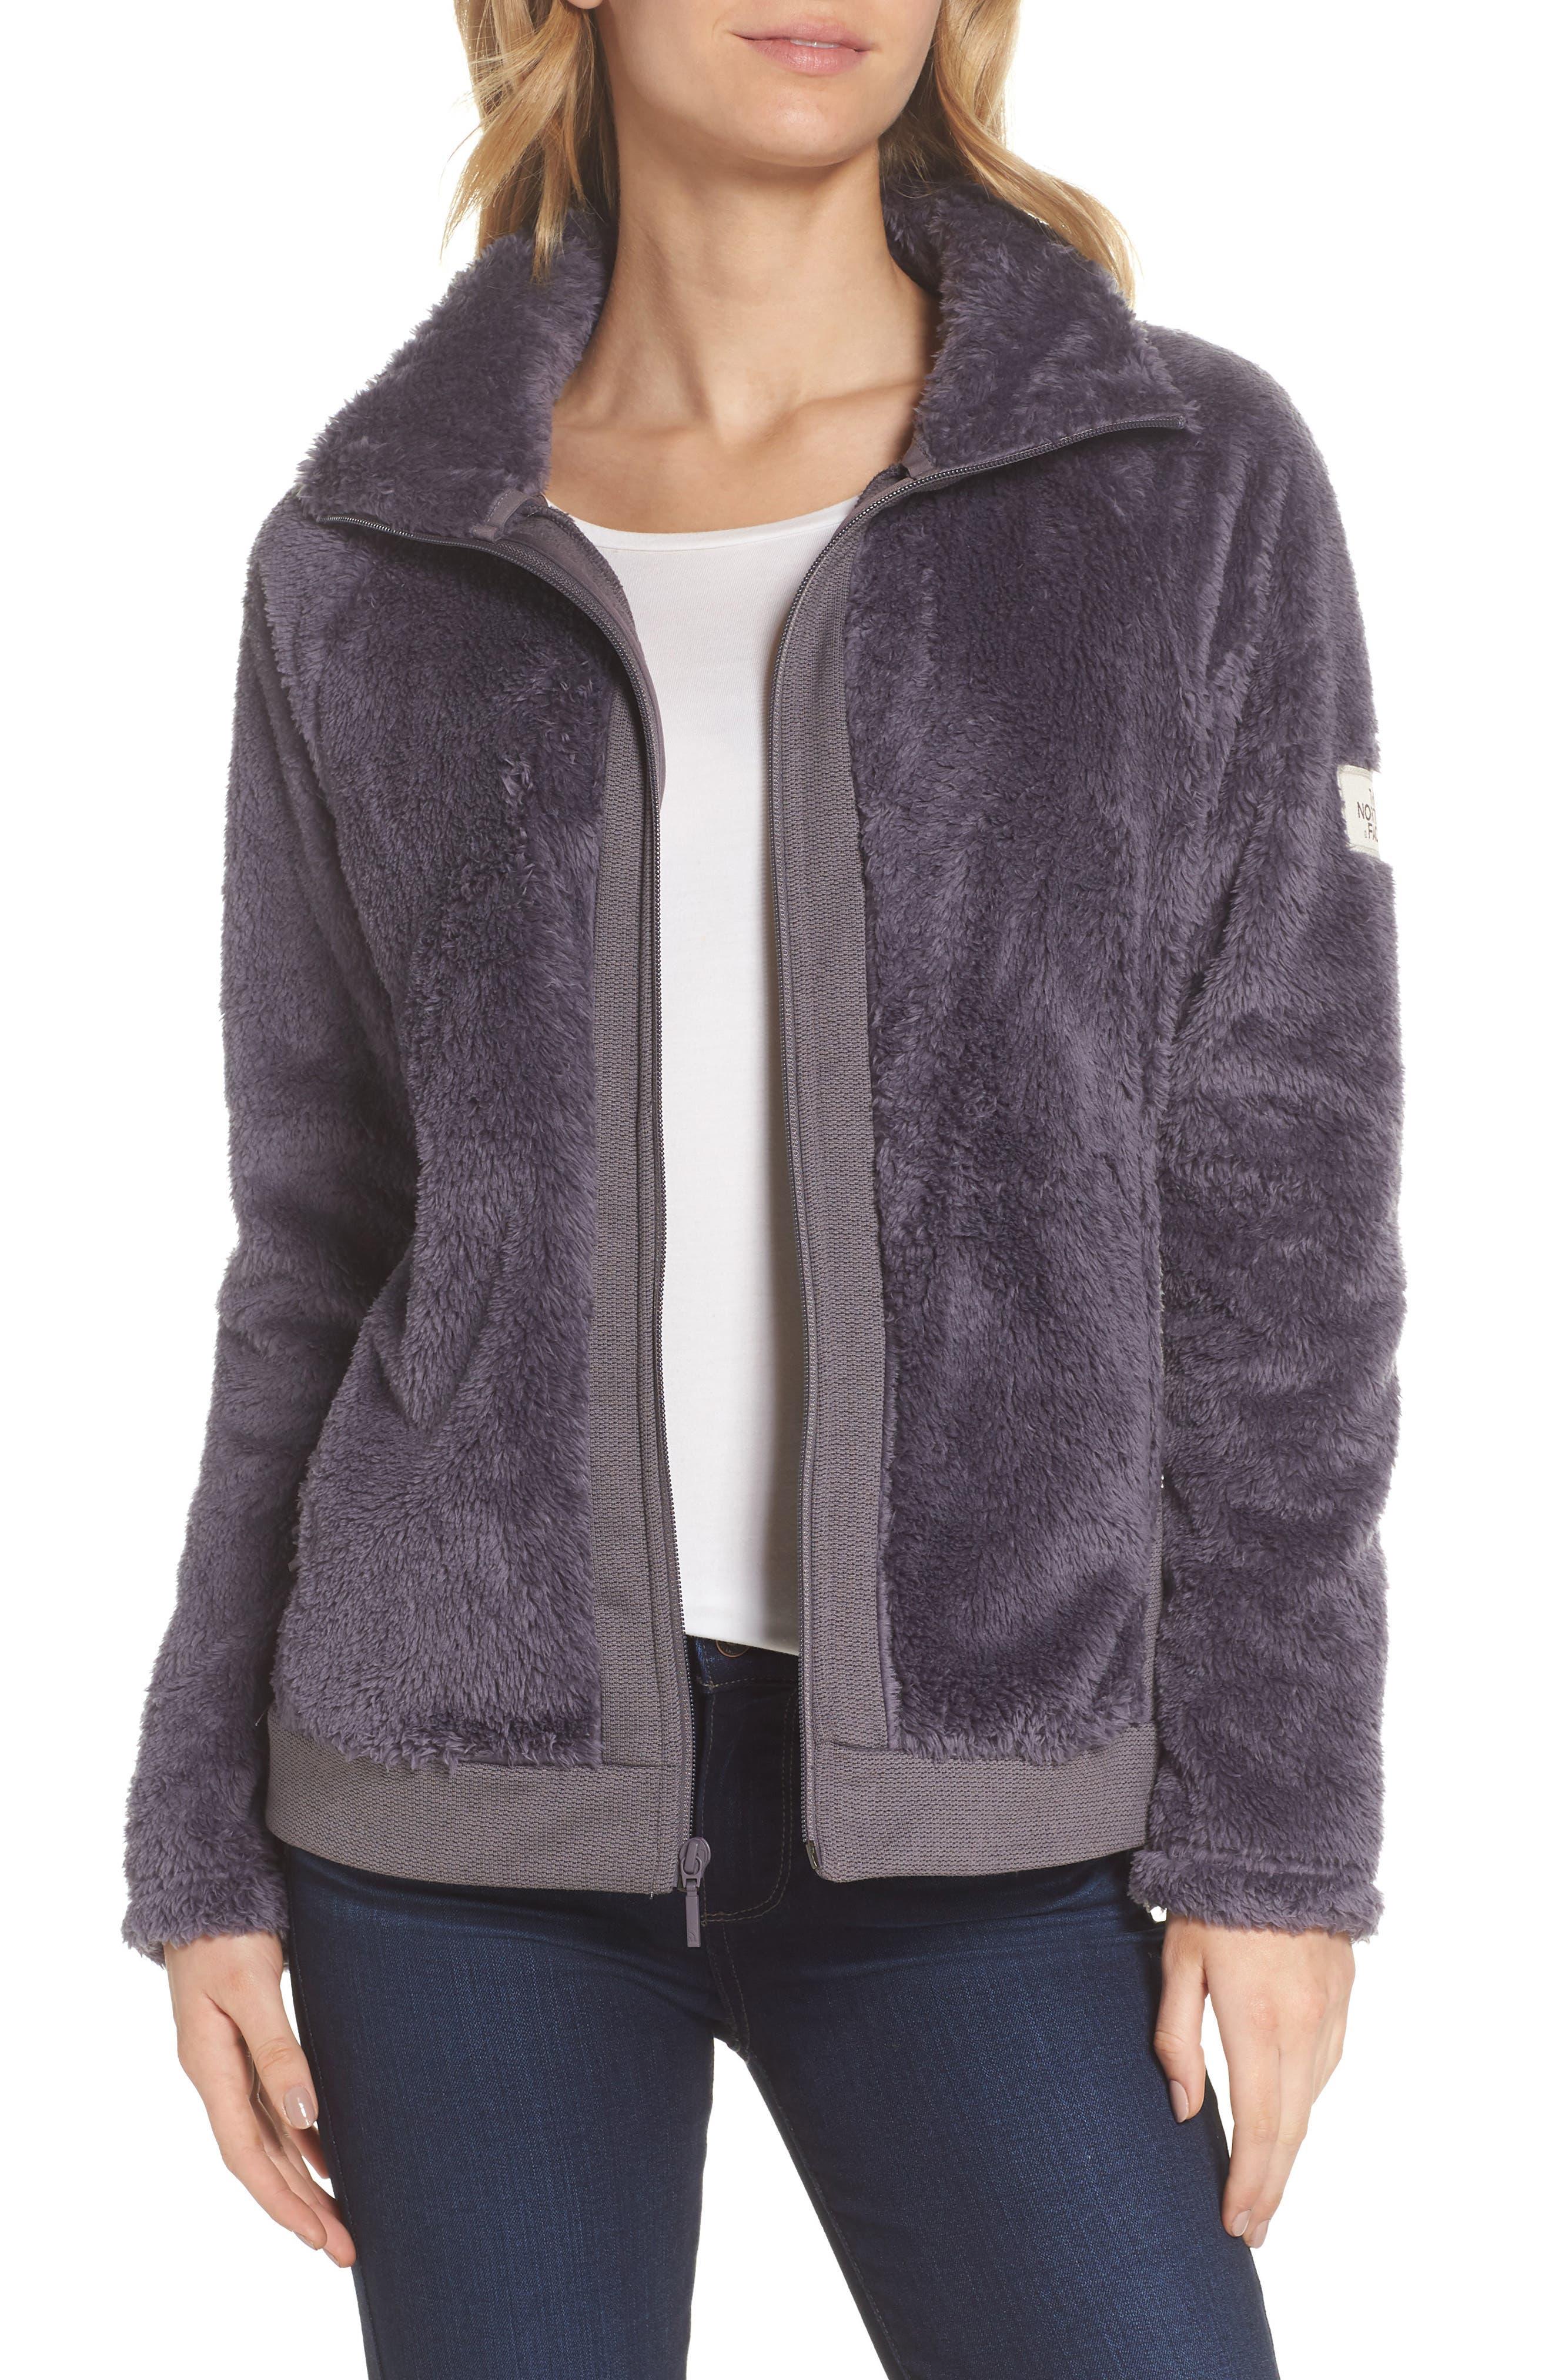 Furry Fleece Jacket,                             Main thumbnail 1, color,                             021